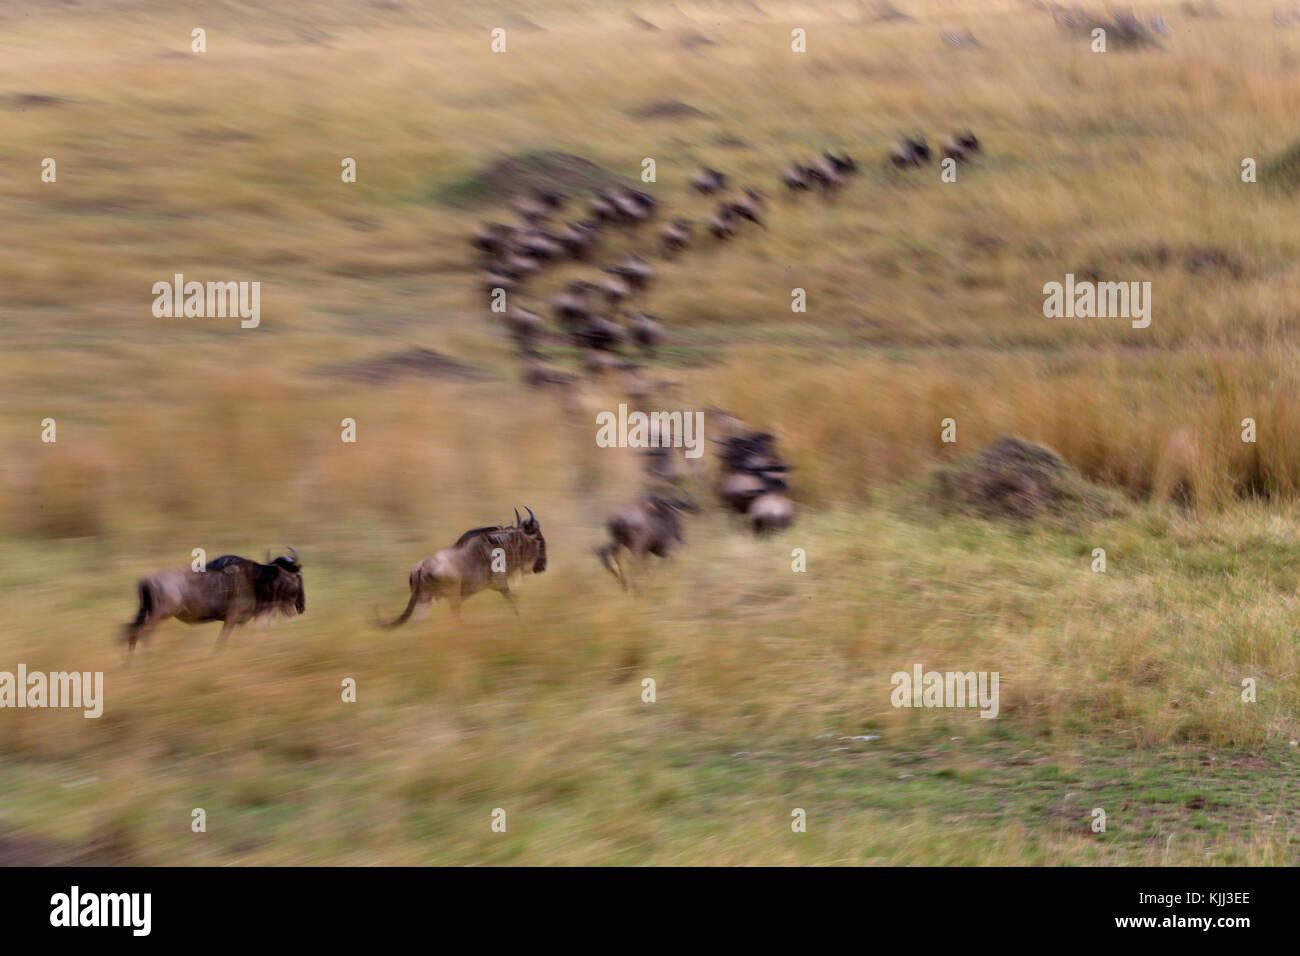 Le Gnou bleu (Connochaetes taurinus) troupeau migrant à travers la savane. Flou de mouvement d'une exécution Photo Stock